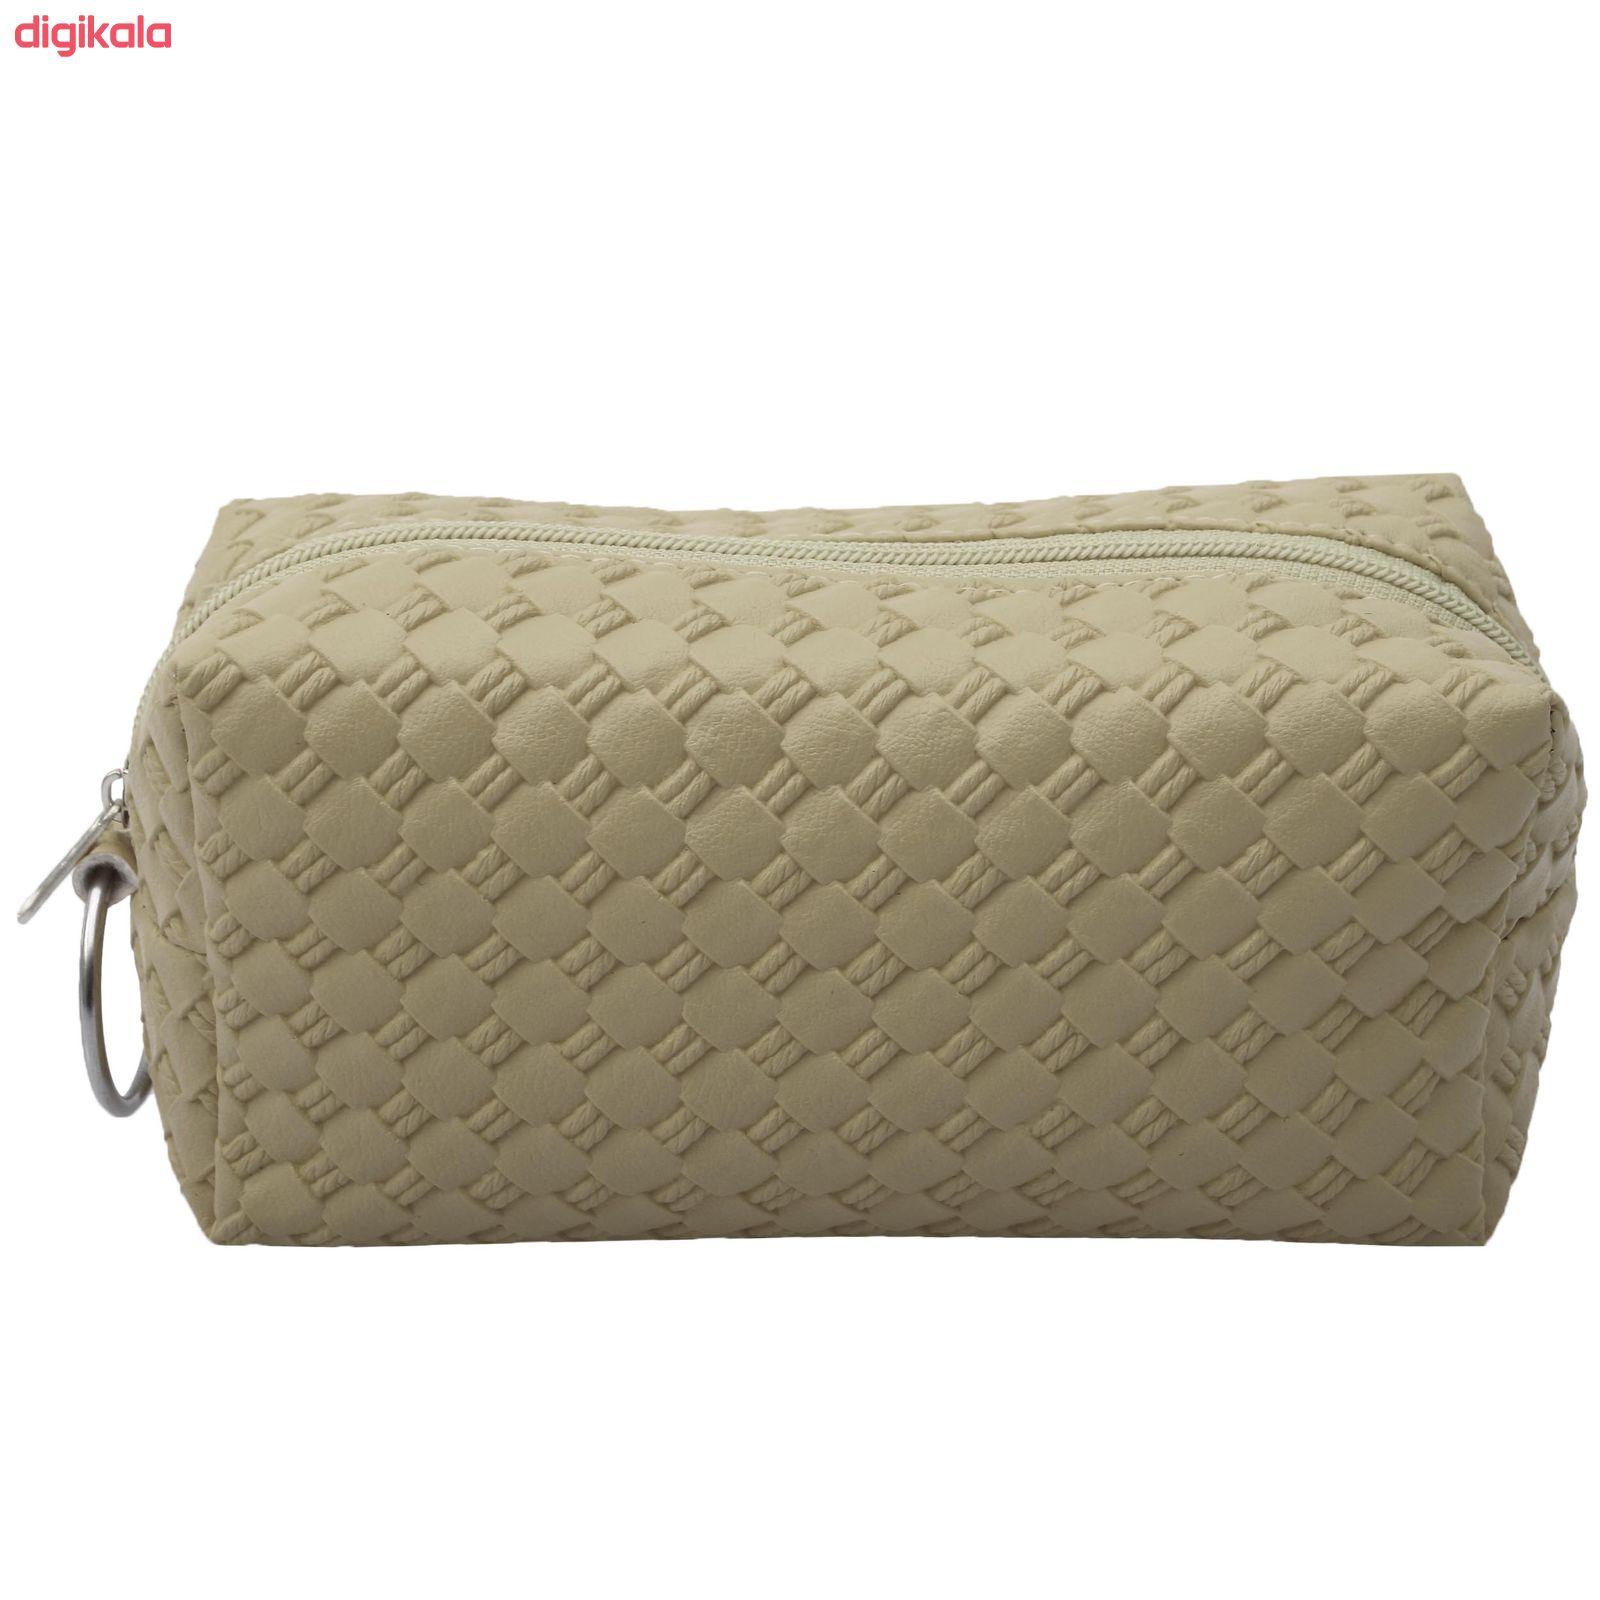 کیف لوازم آرایش کد GT0103 main 1 23